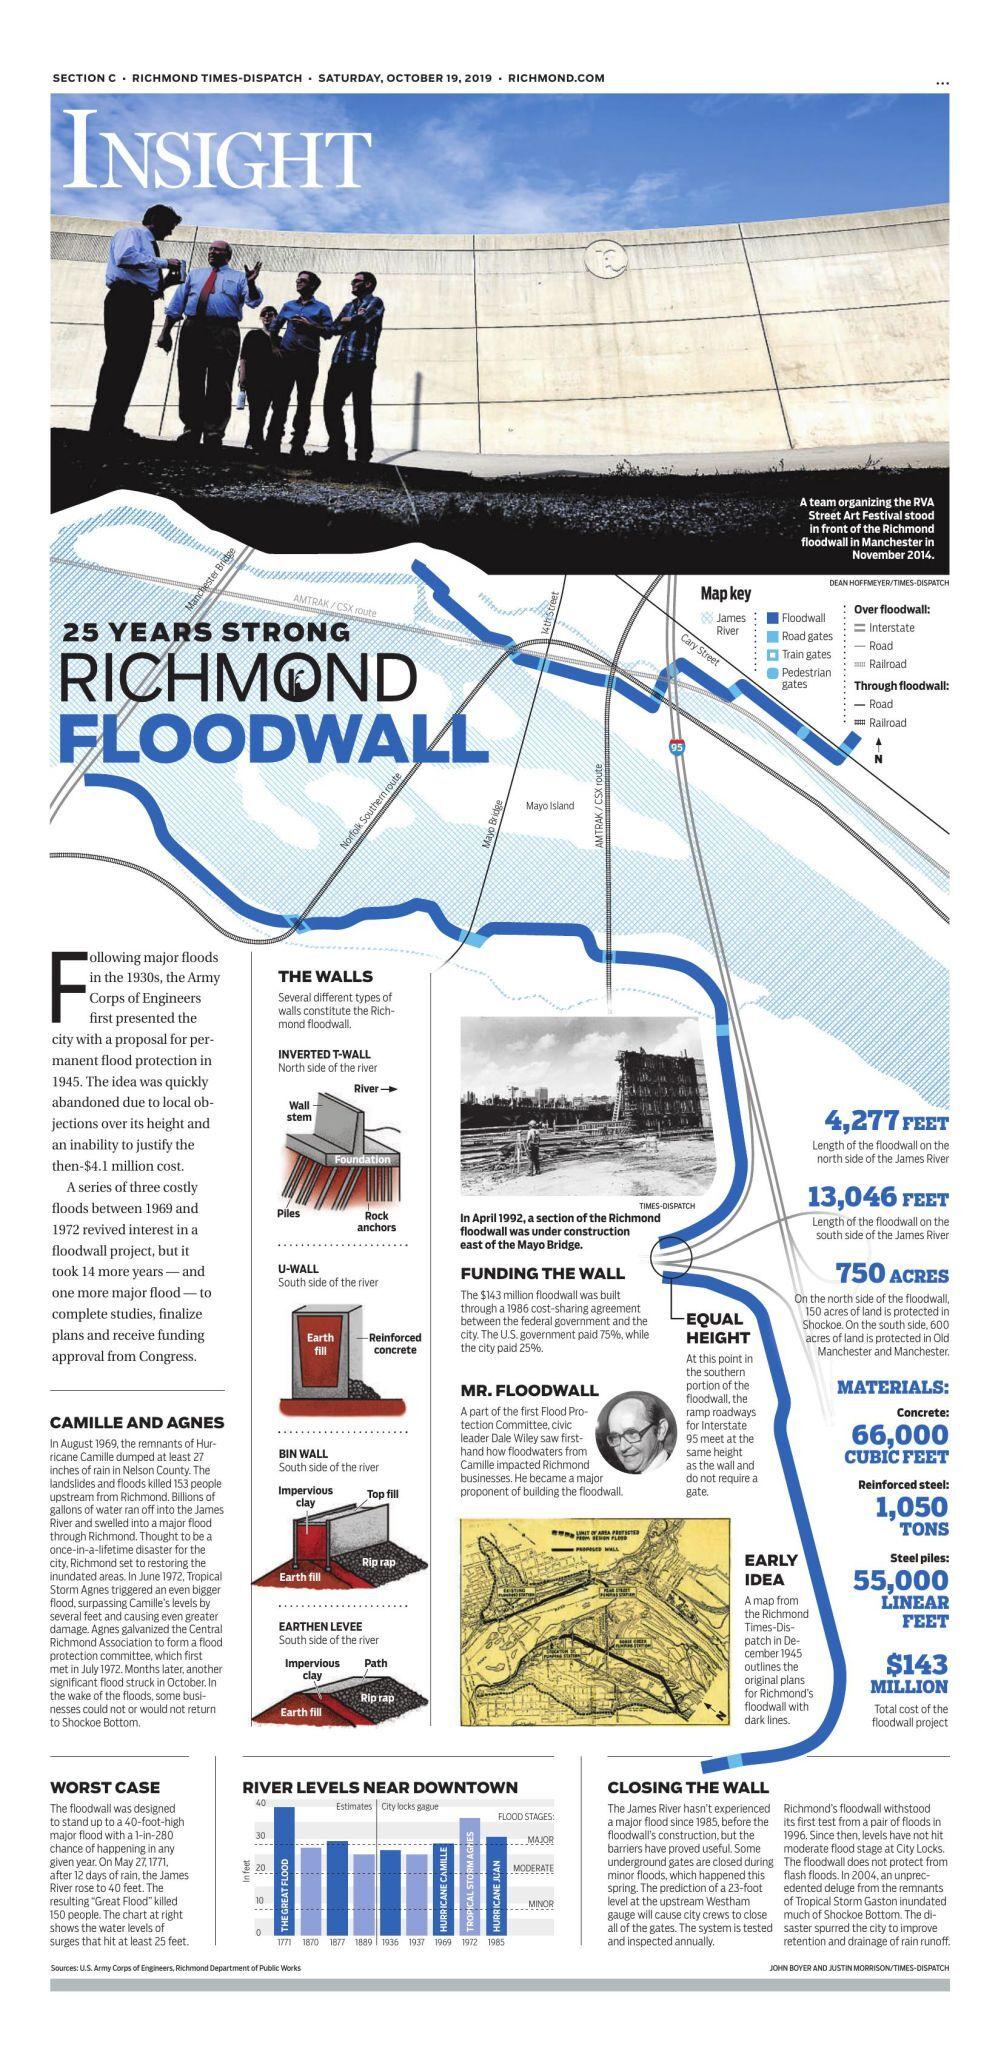 The Richmond Flood Wall